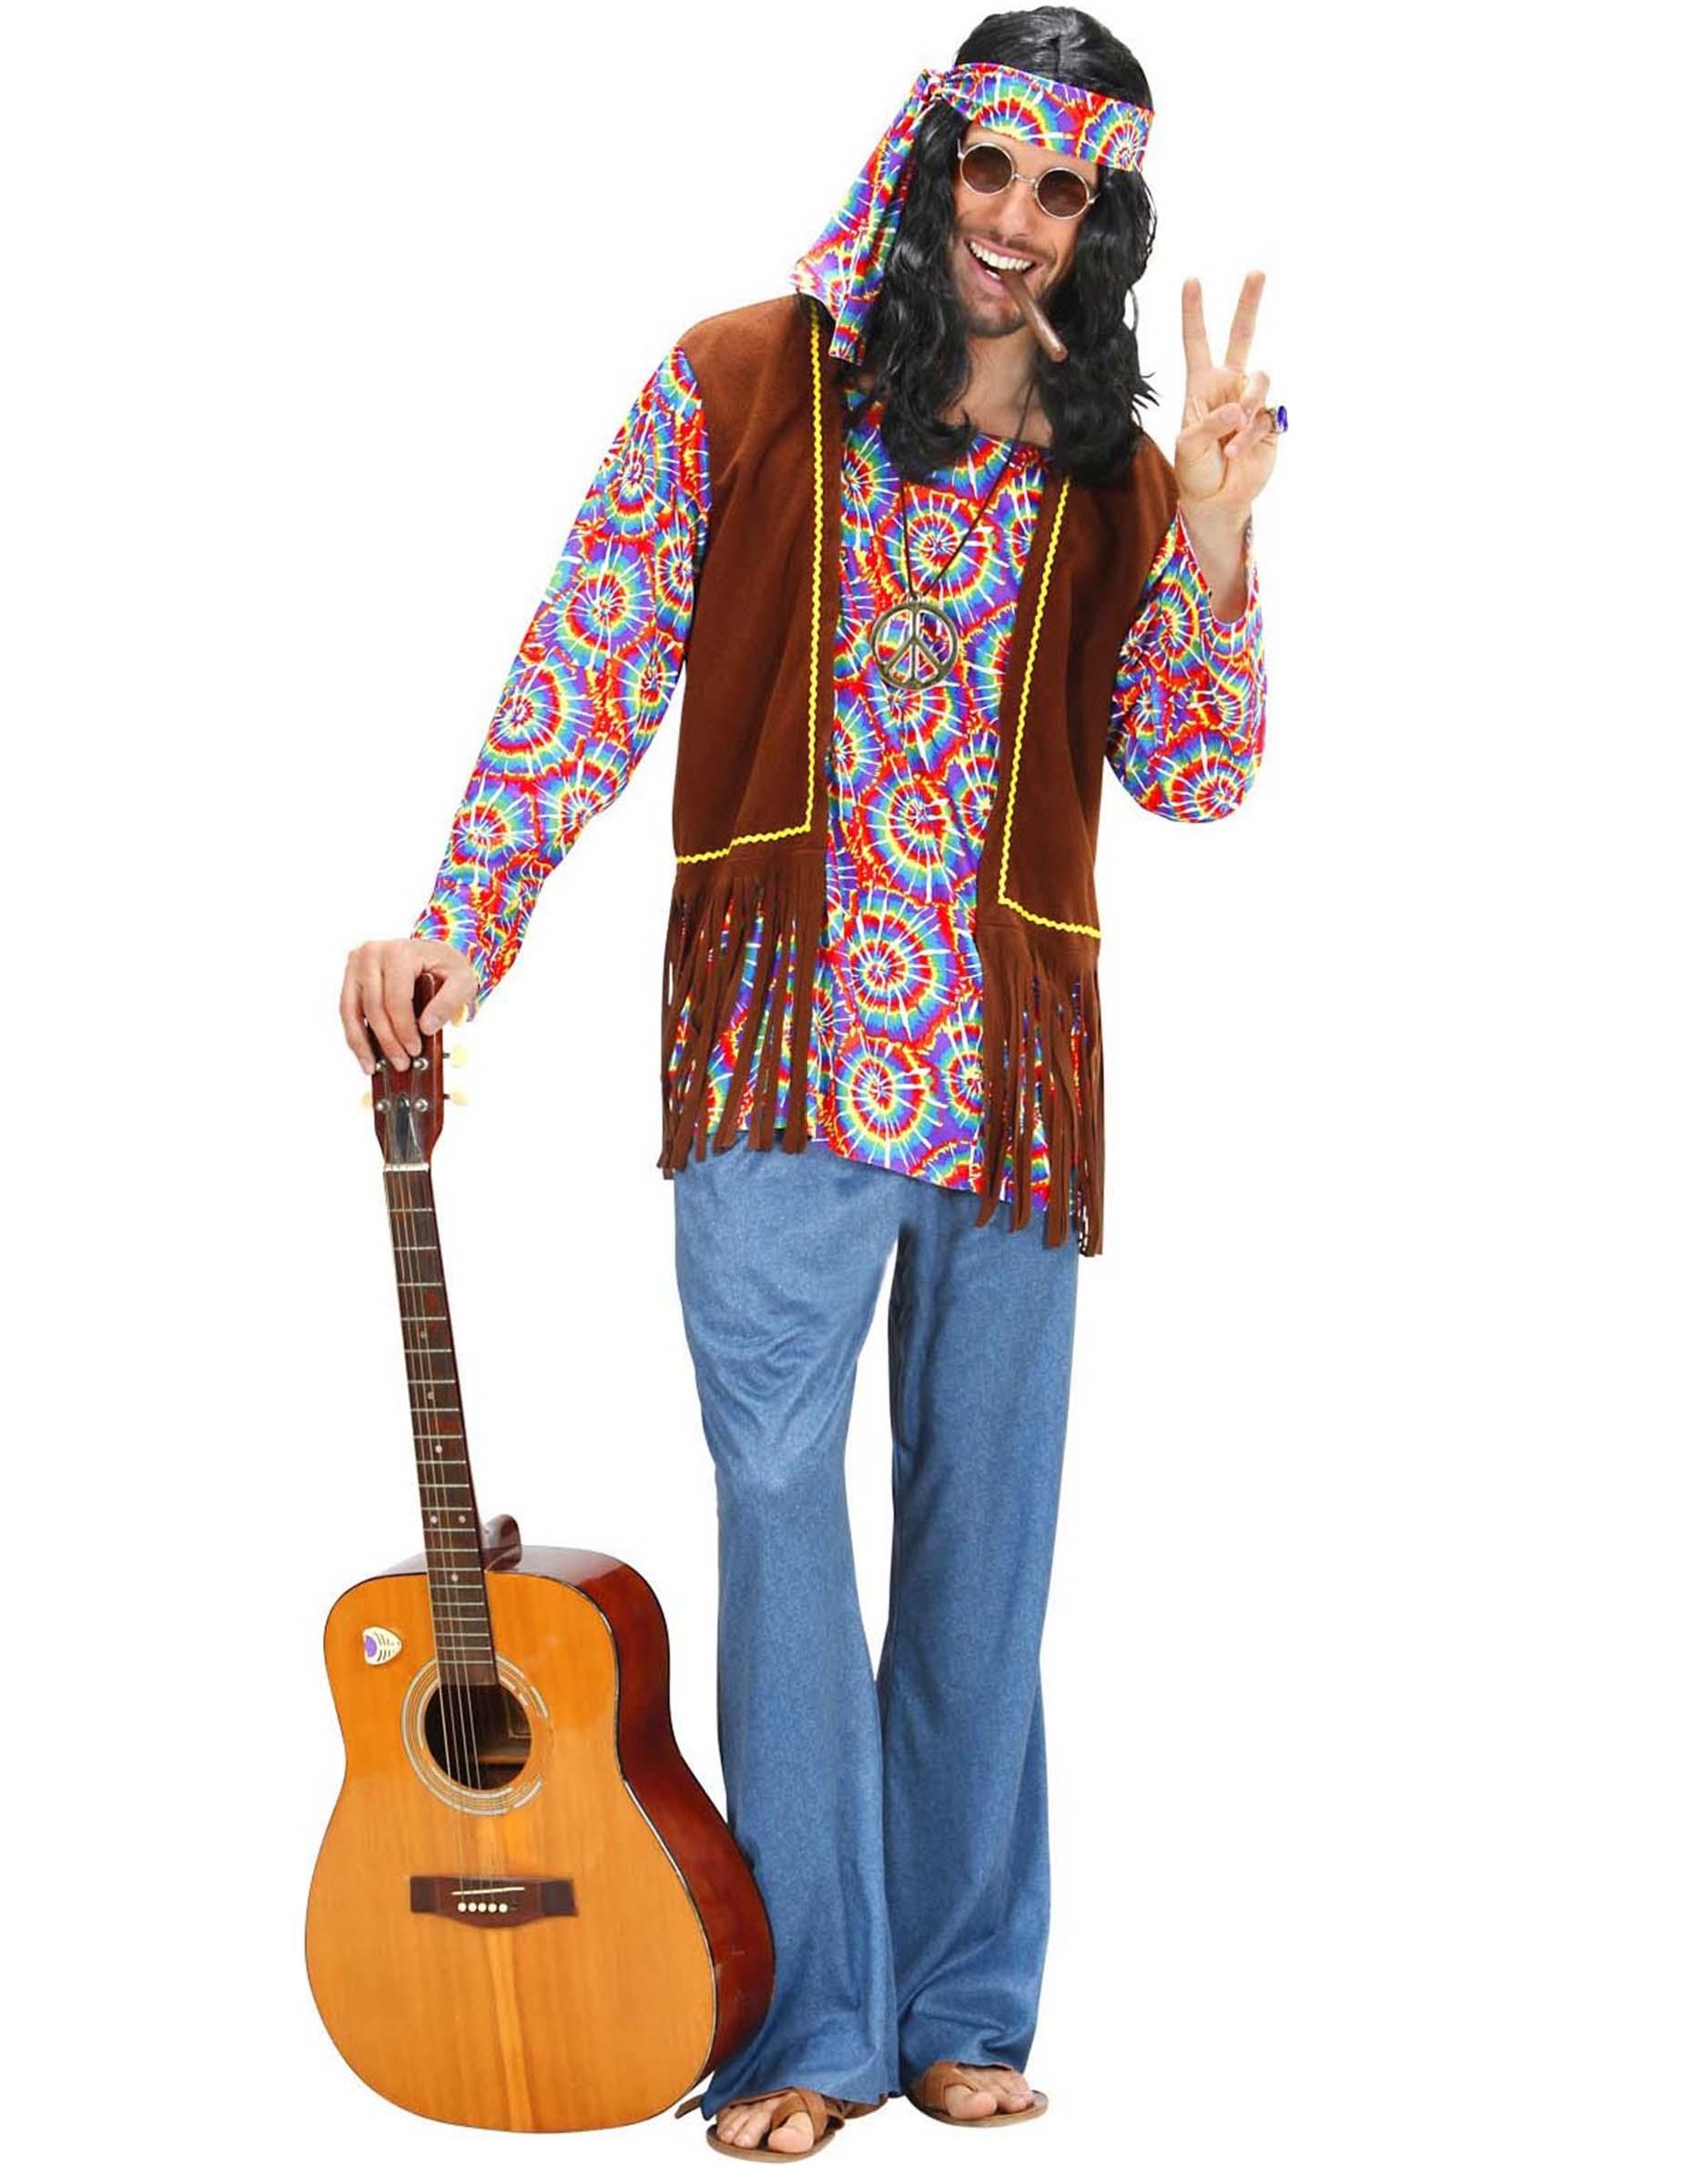 d guisement hippie psych d lique homme deguise toi achat de d guisements adultes. Black Bedroom Furniture Sets. Home Design Ideas